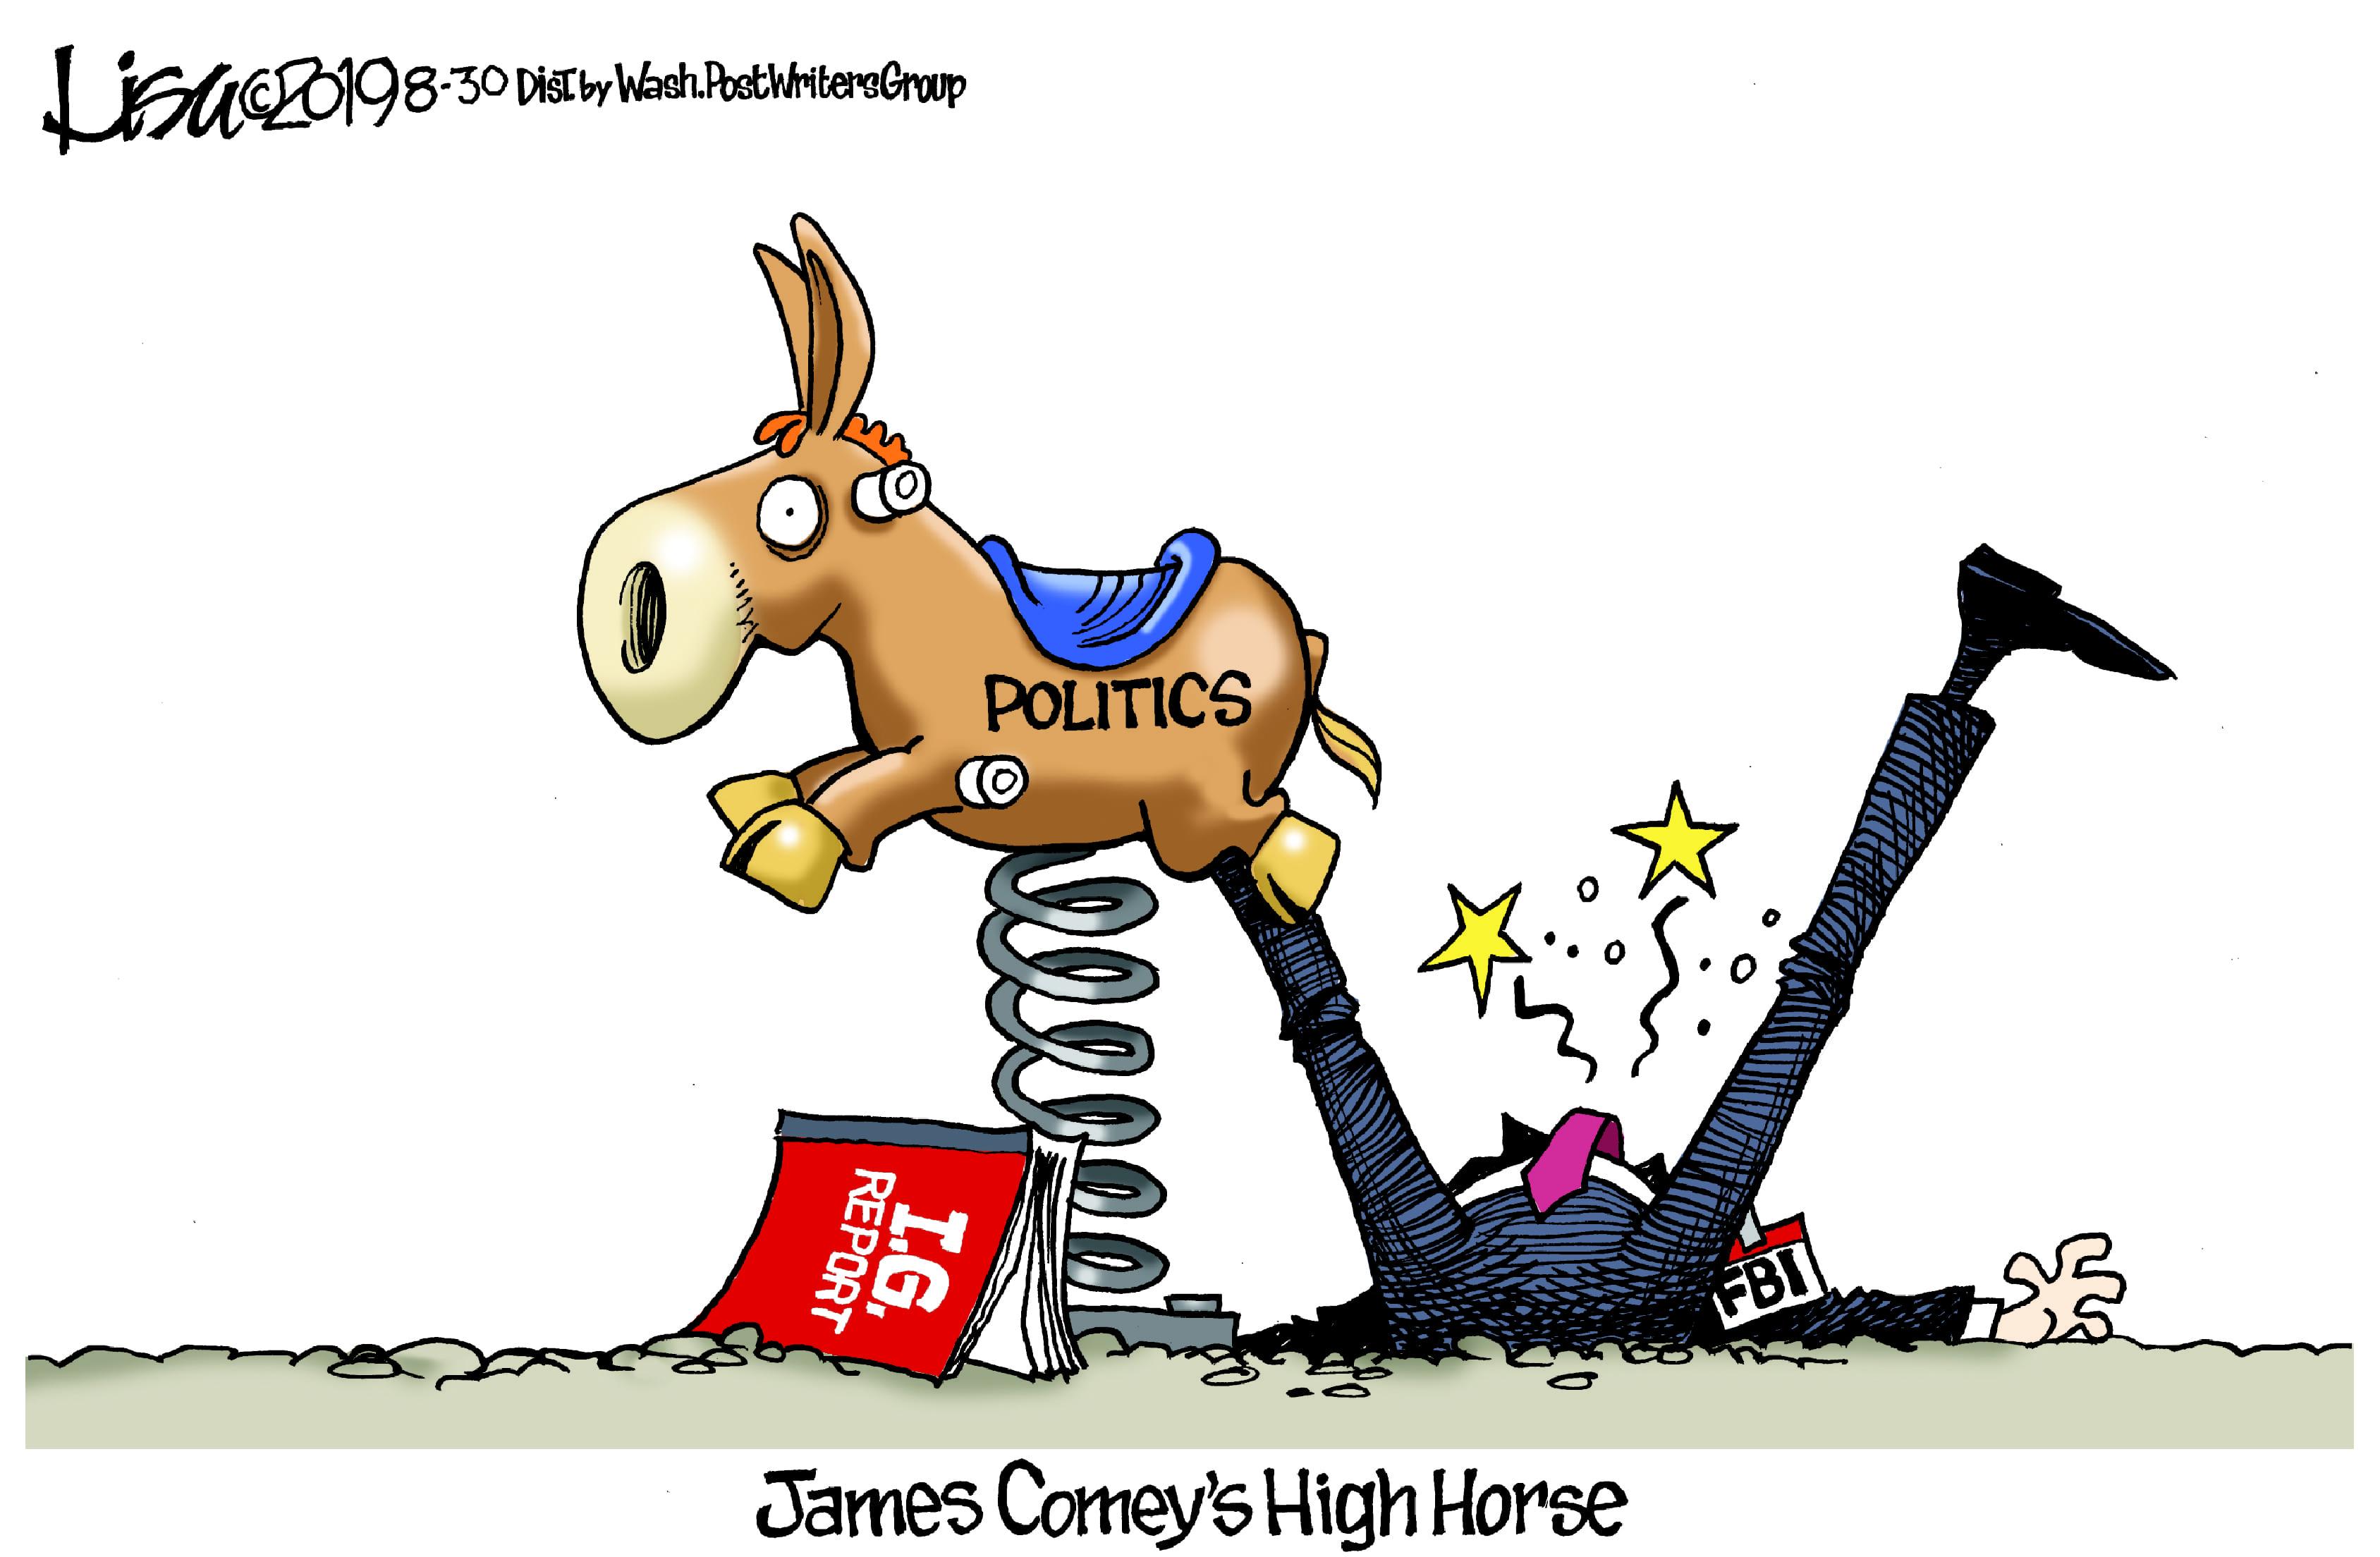 Aug. 31: James Comey's High Horse